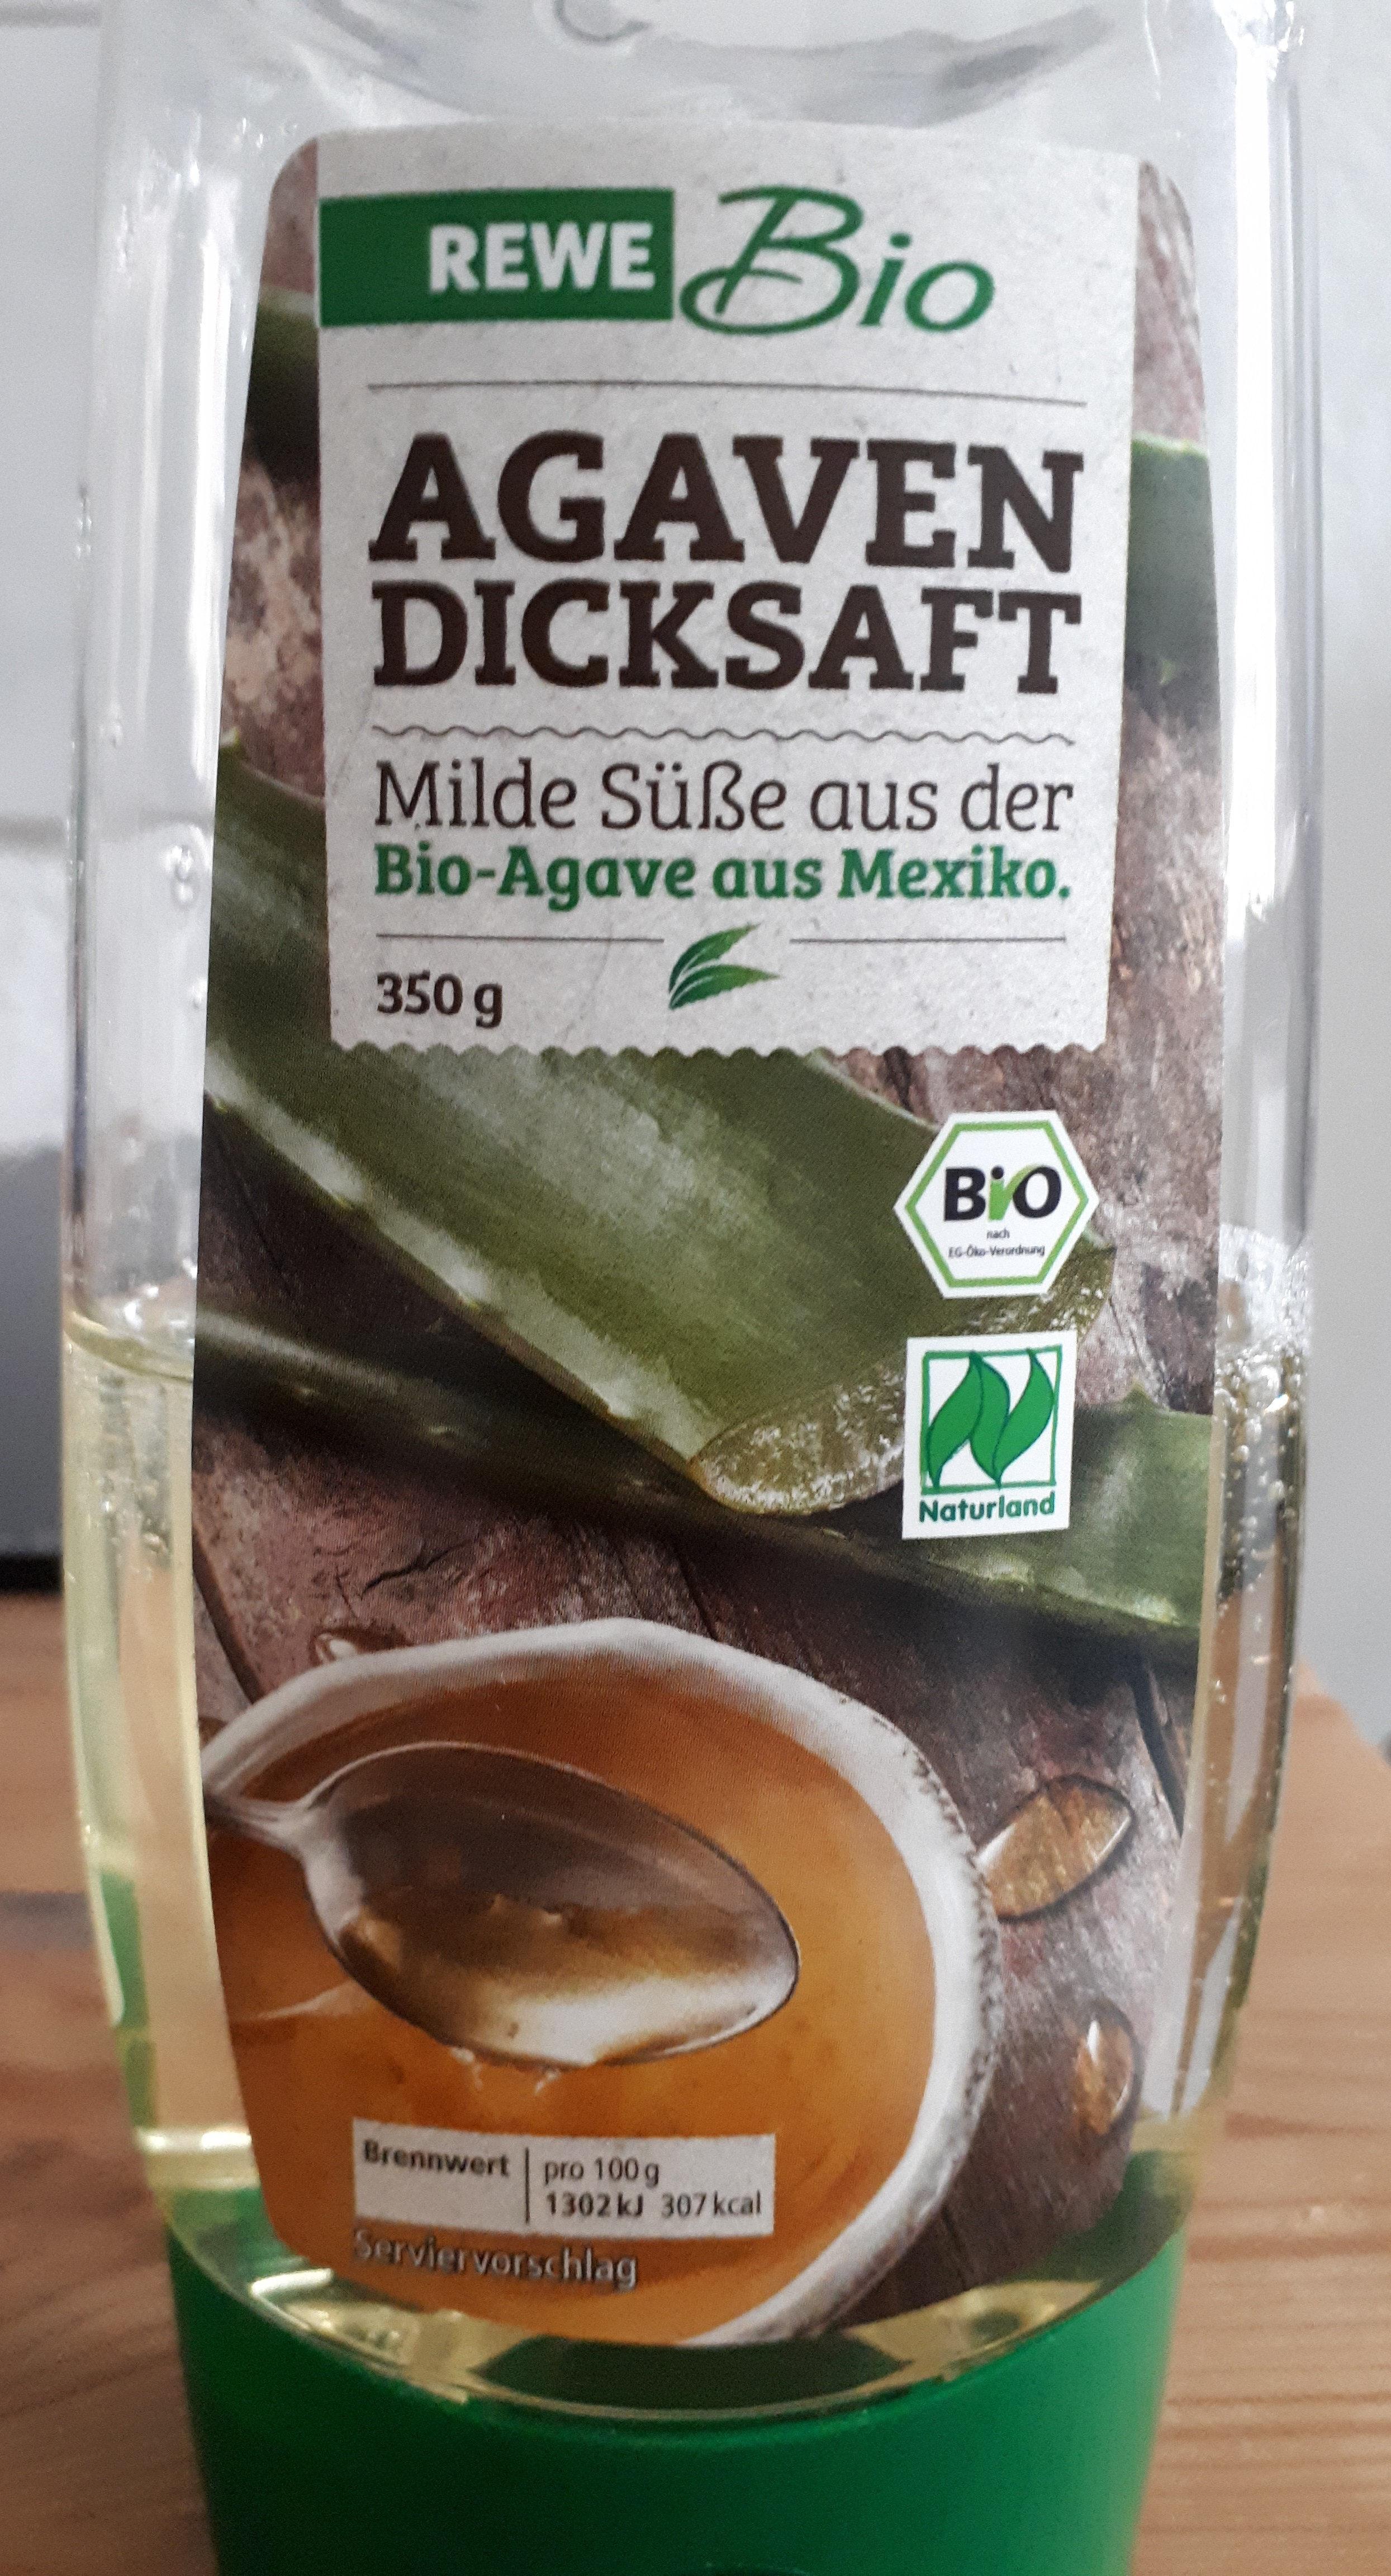 Agaven Dicksaft - Produit